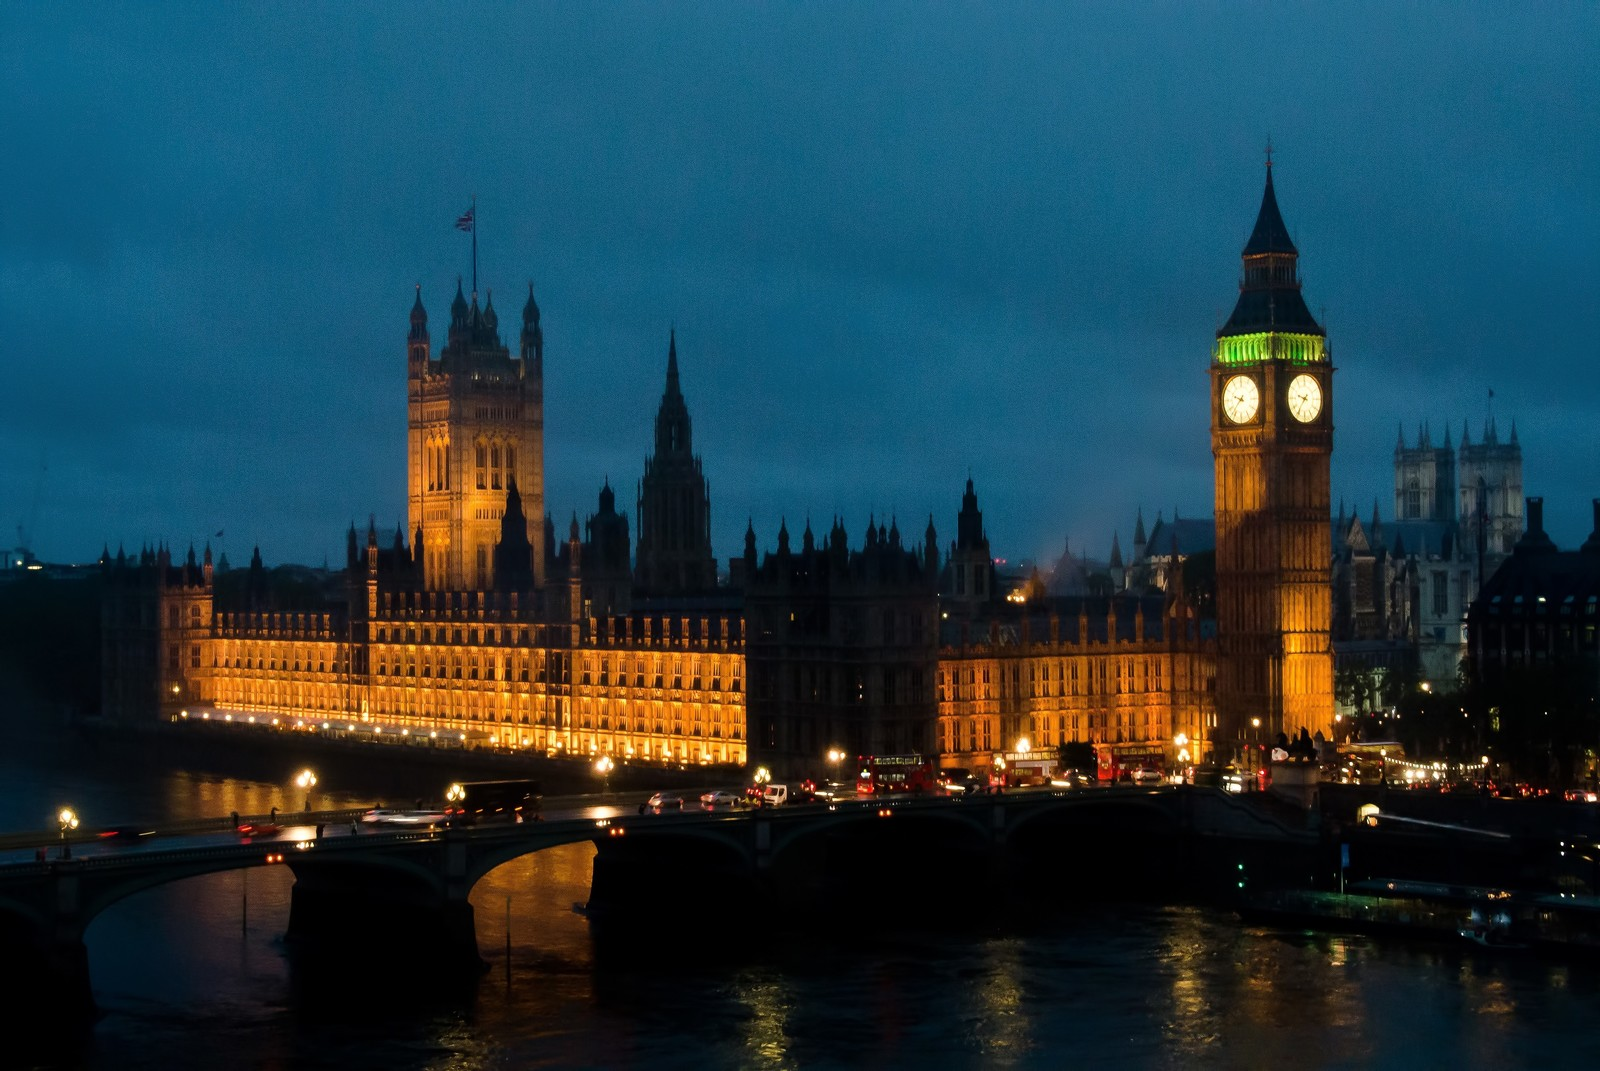 「ロンドンの夜ロンドンの夜」のフリー写真素材を拡大